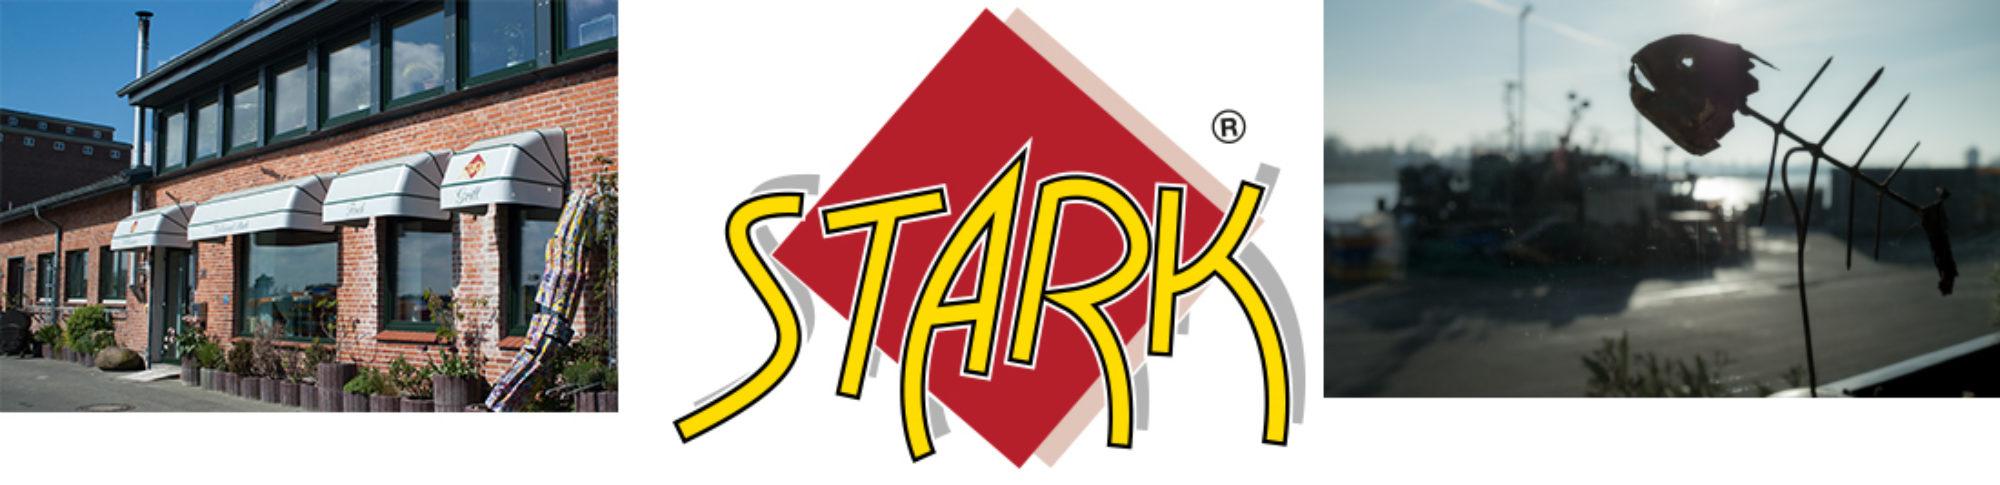 Restaurant Stark